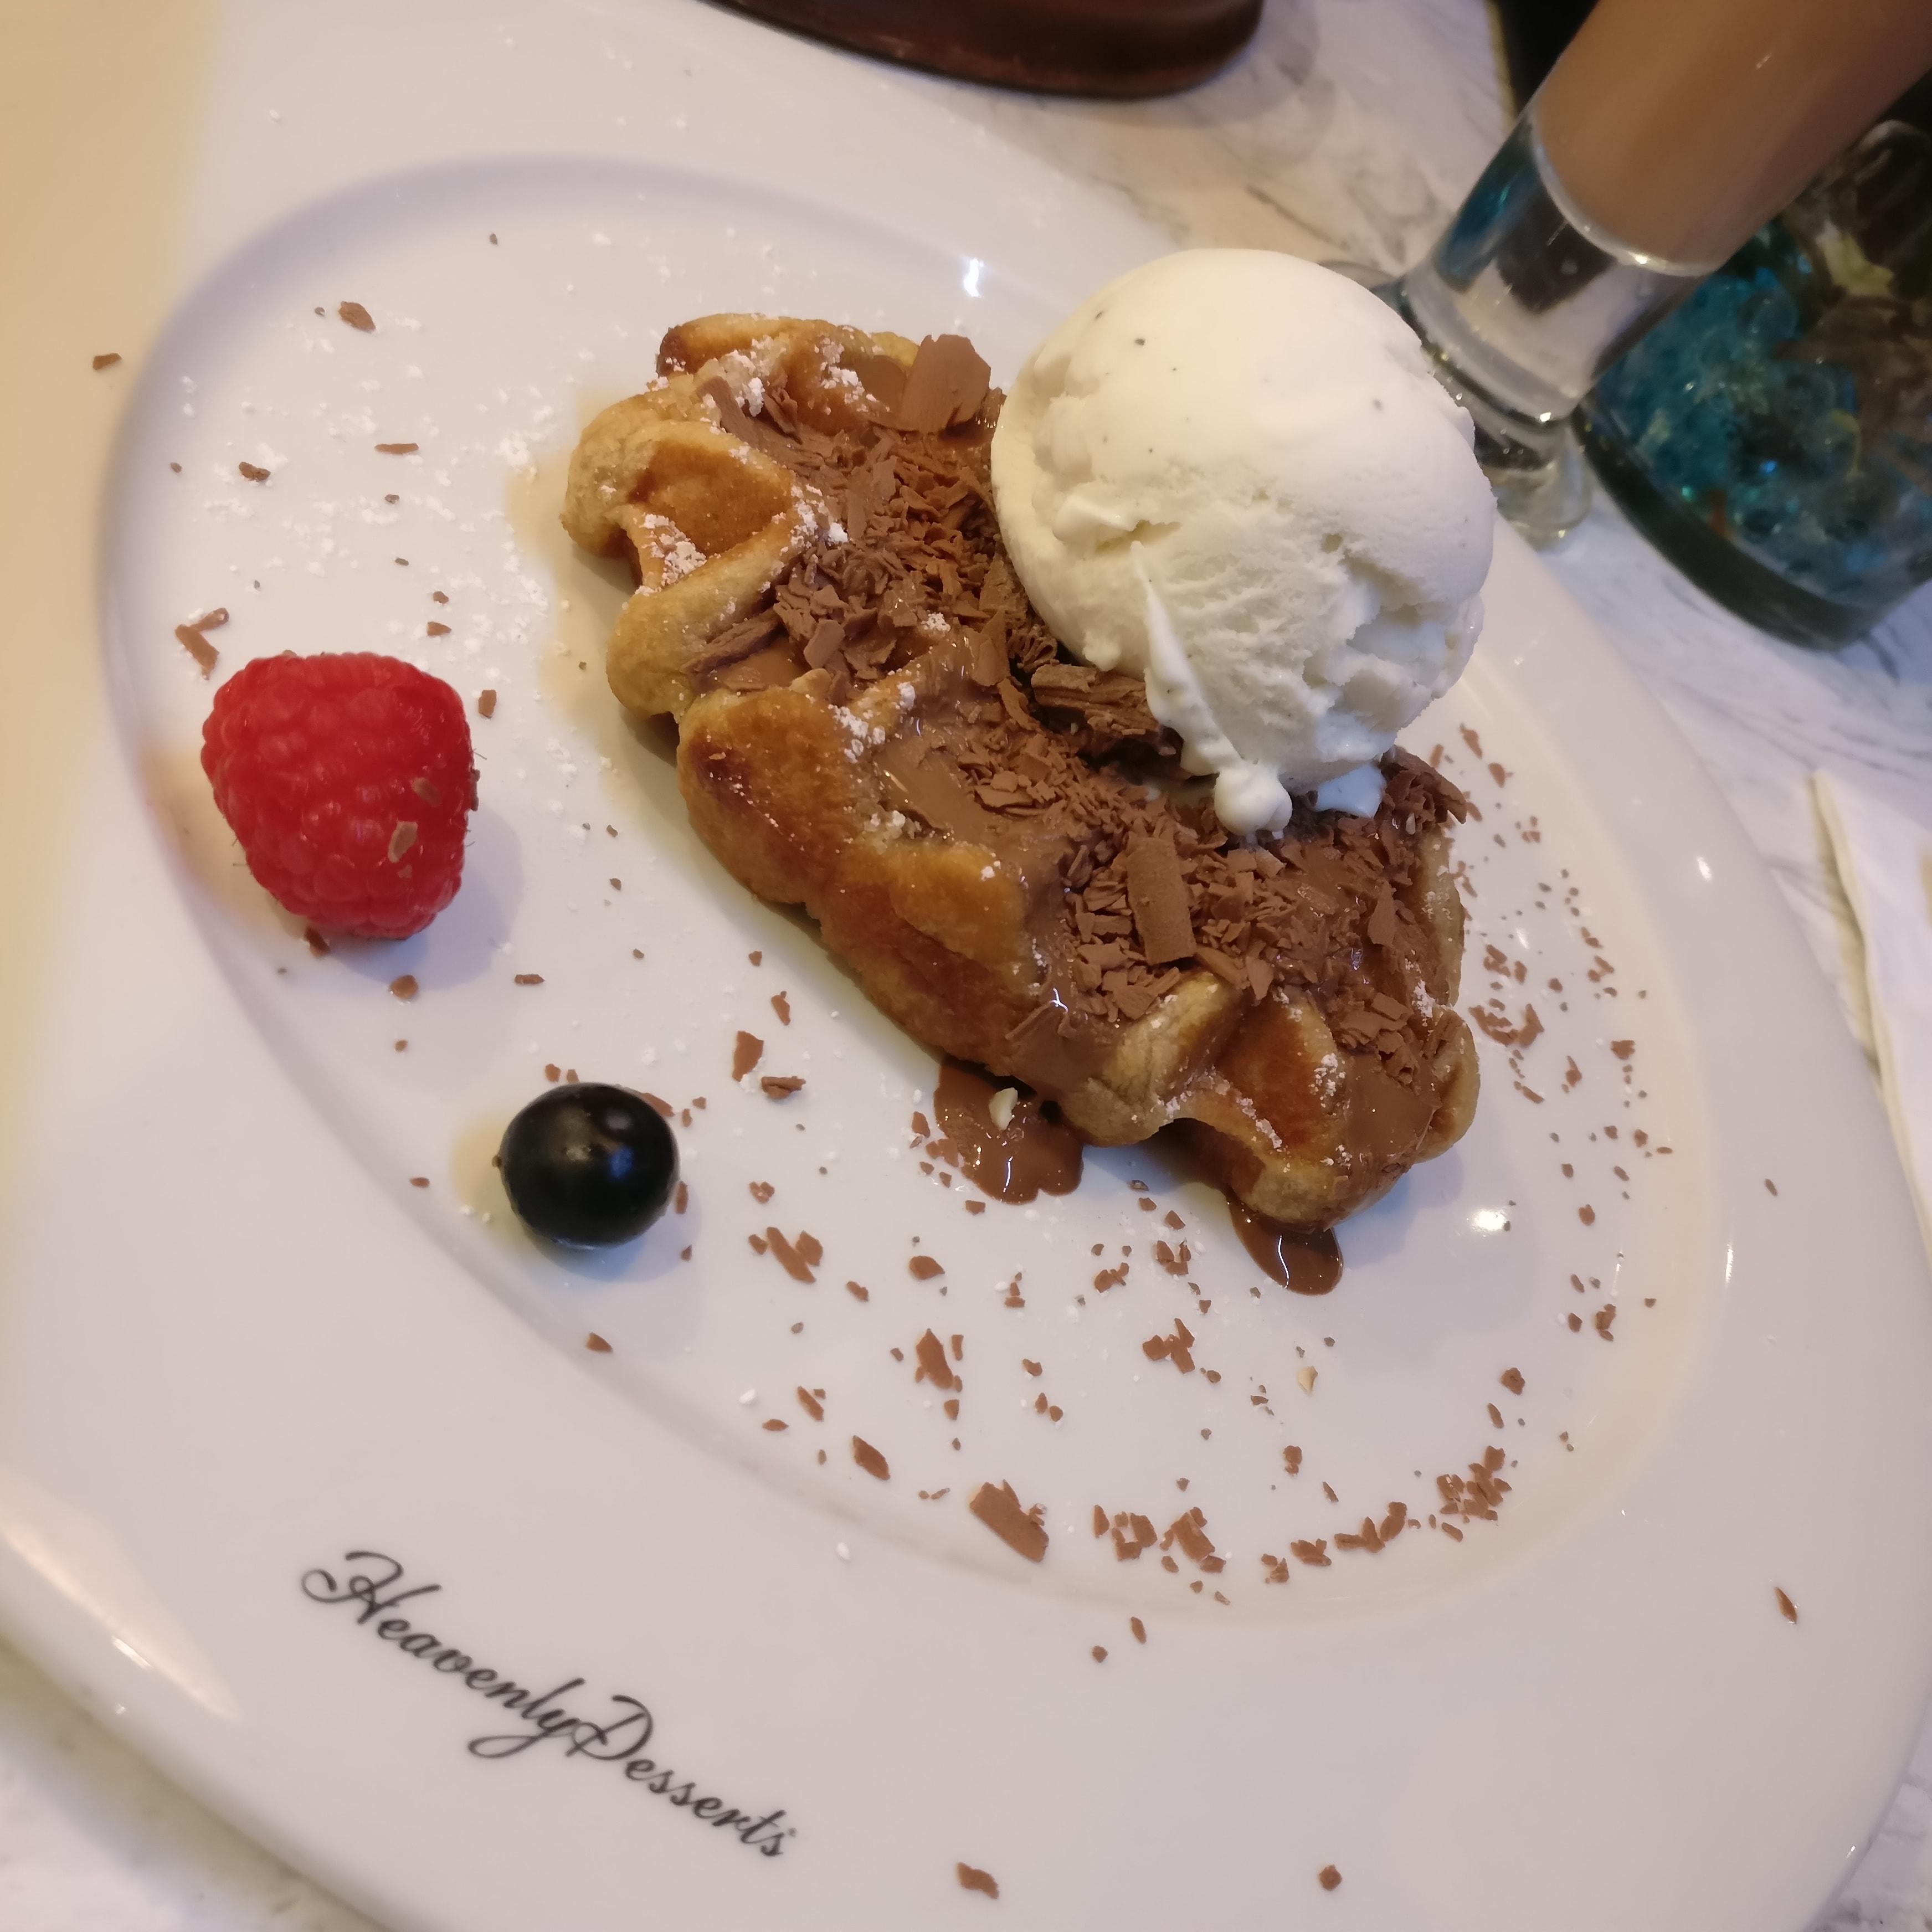 Belgian Cinnamon Waffle with Chocolate